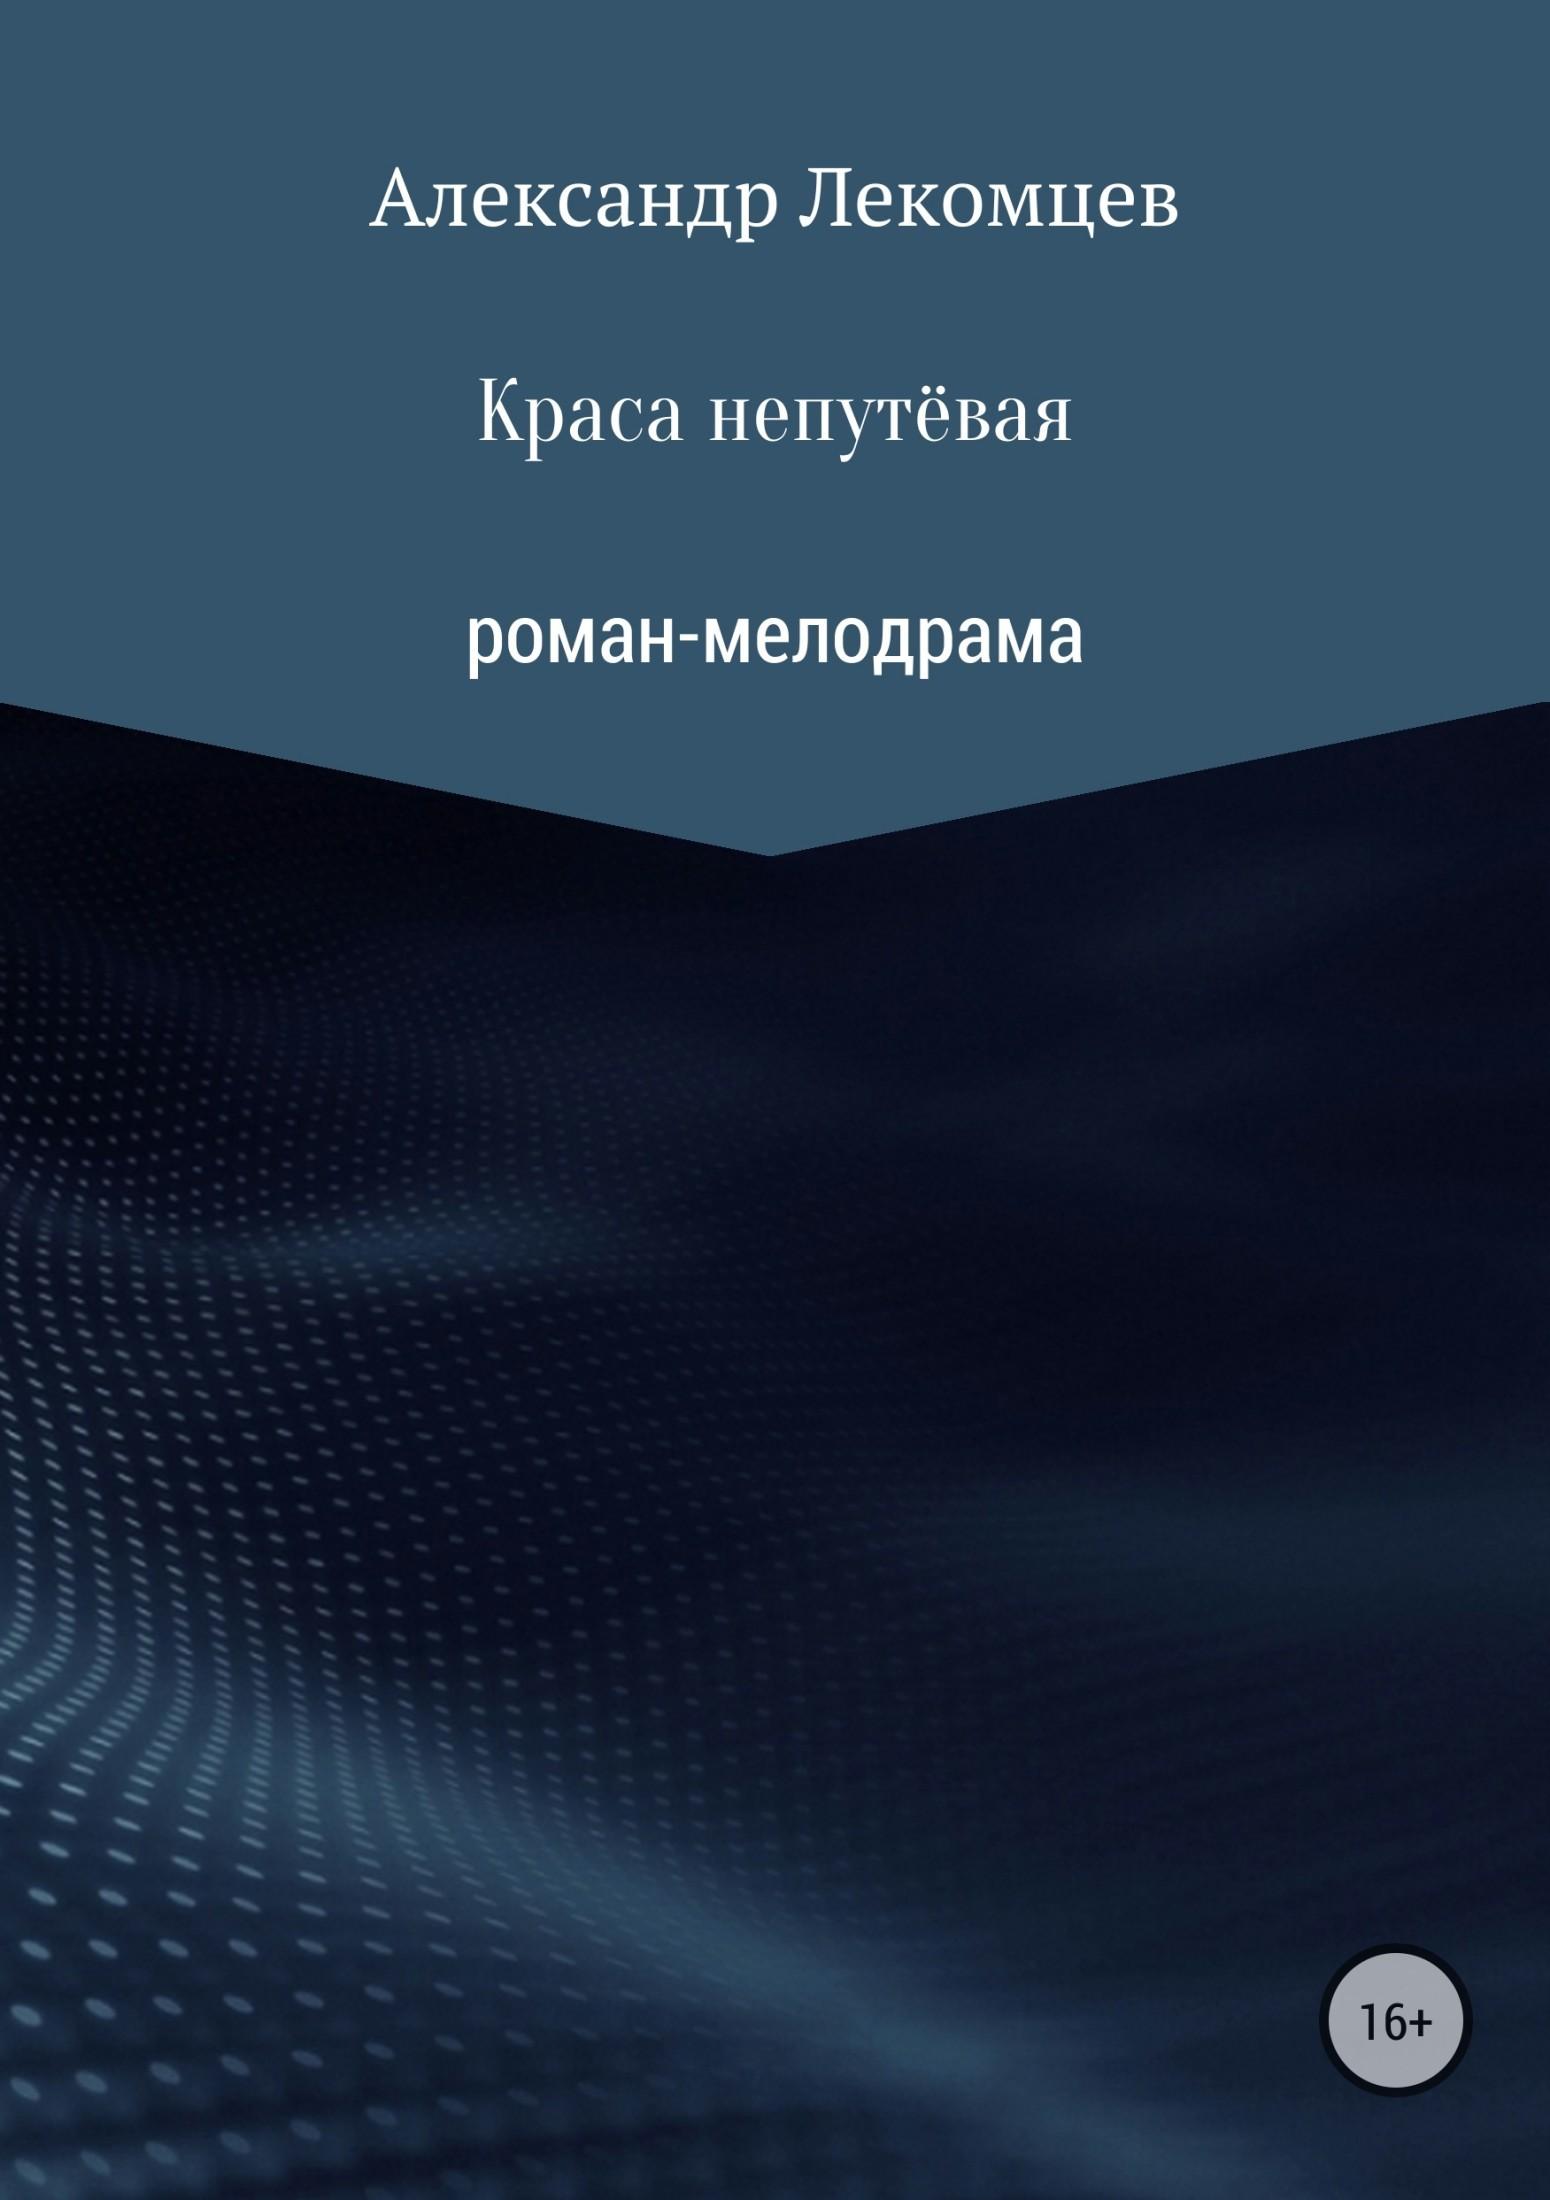 Александр Лекомцев - Краса непутёвая